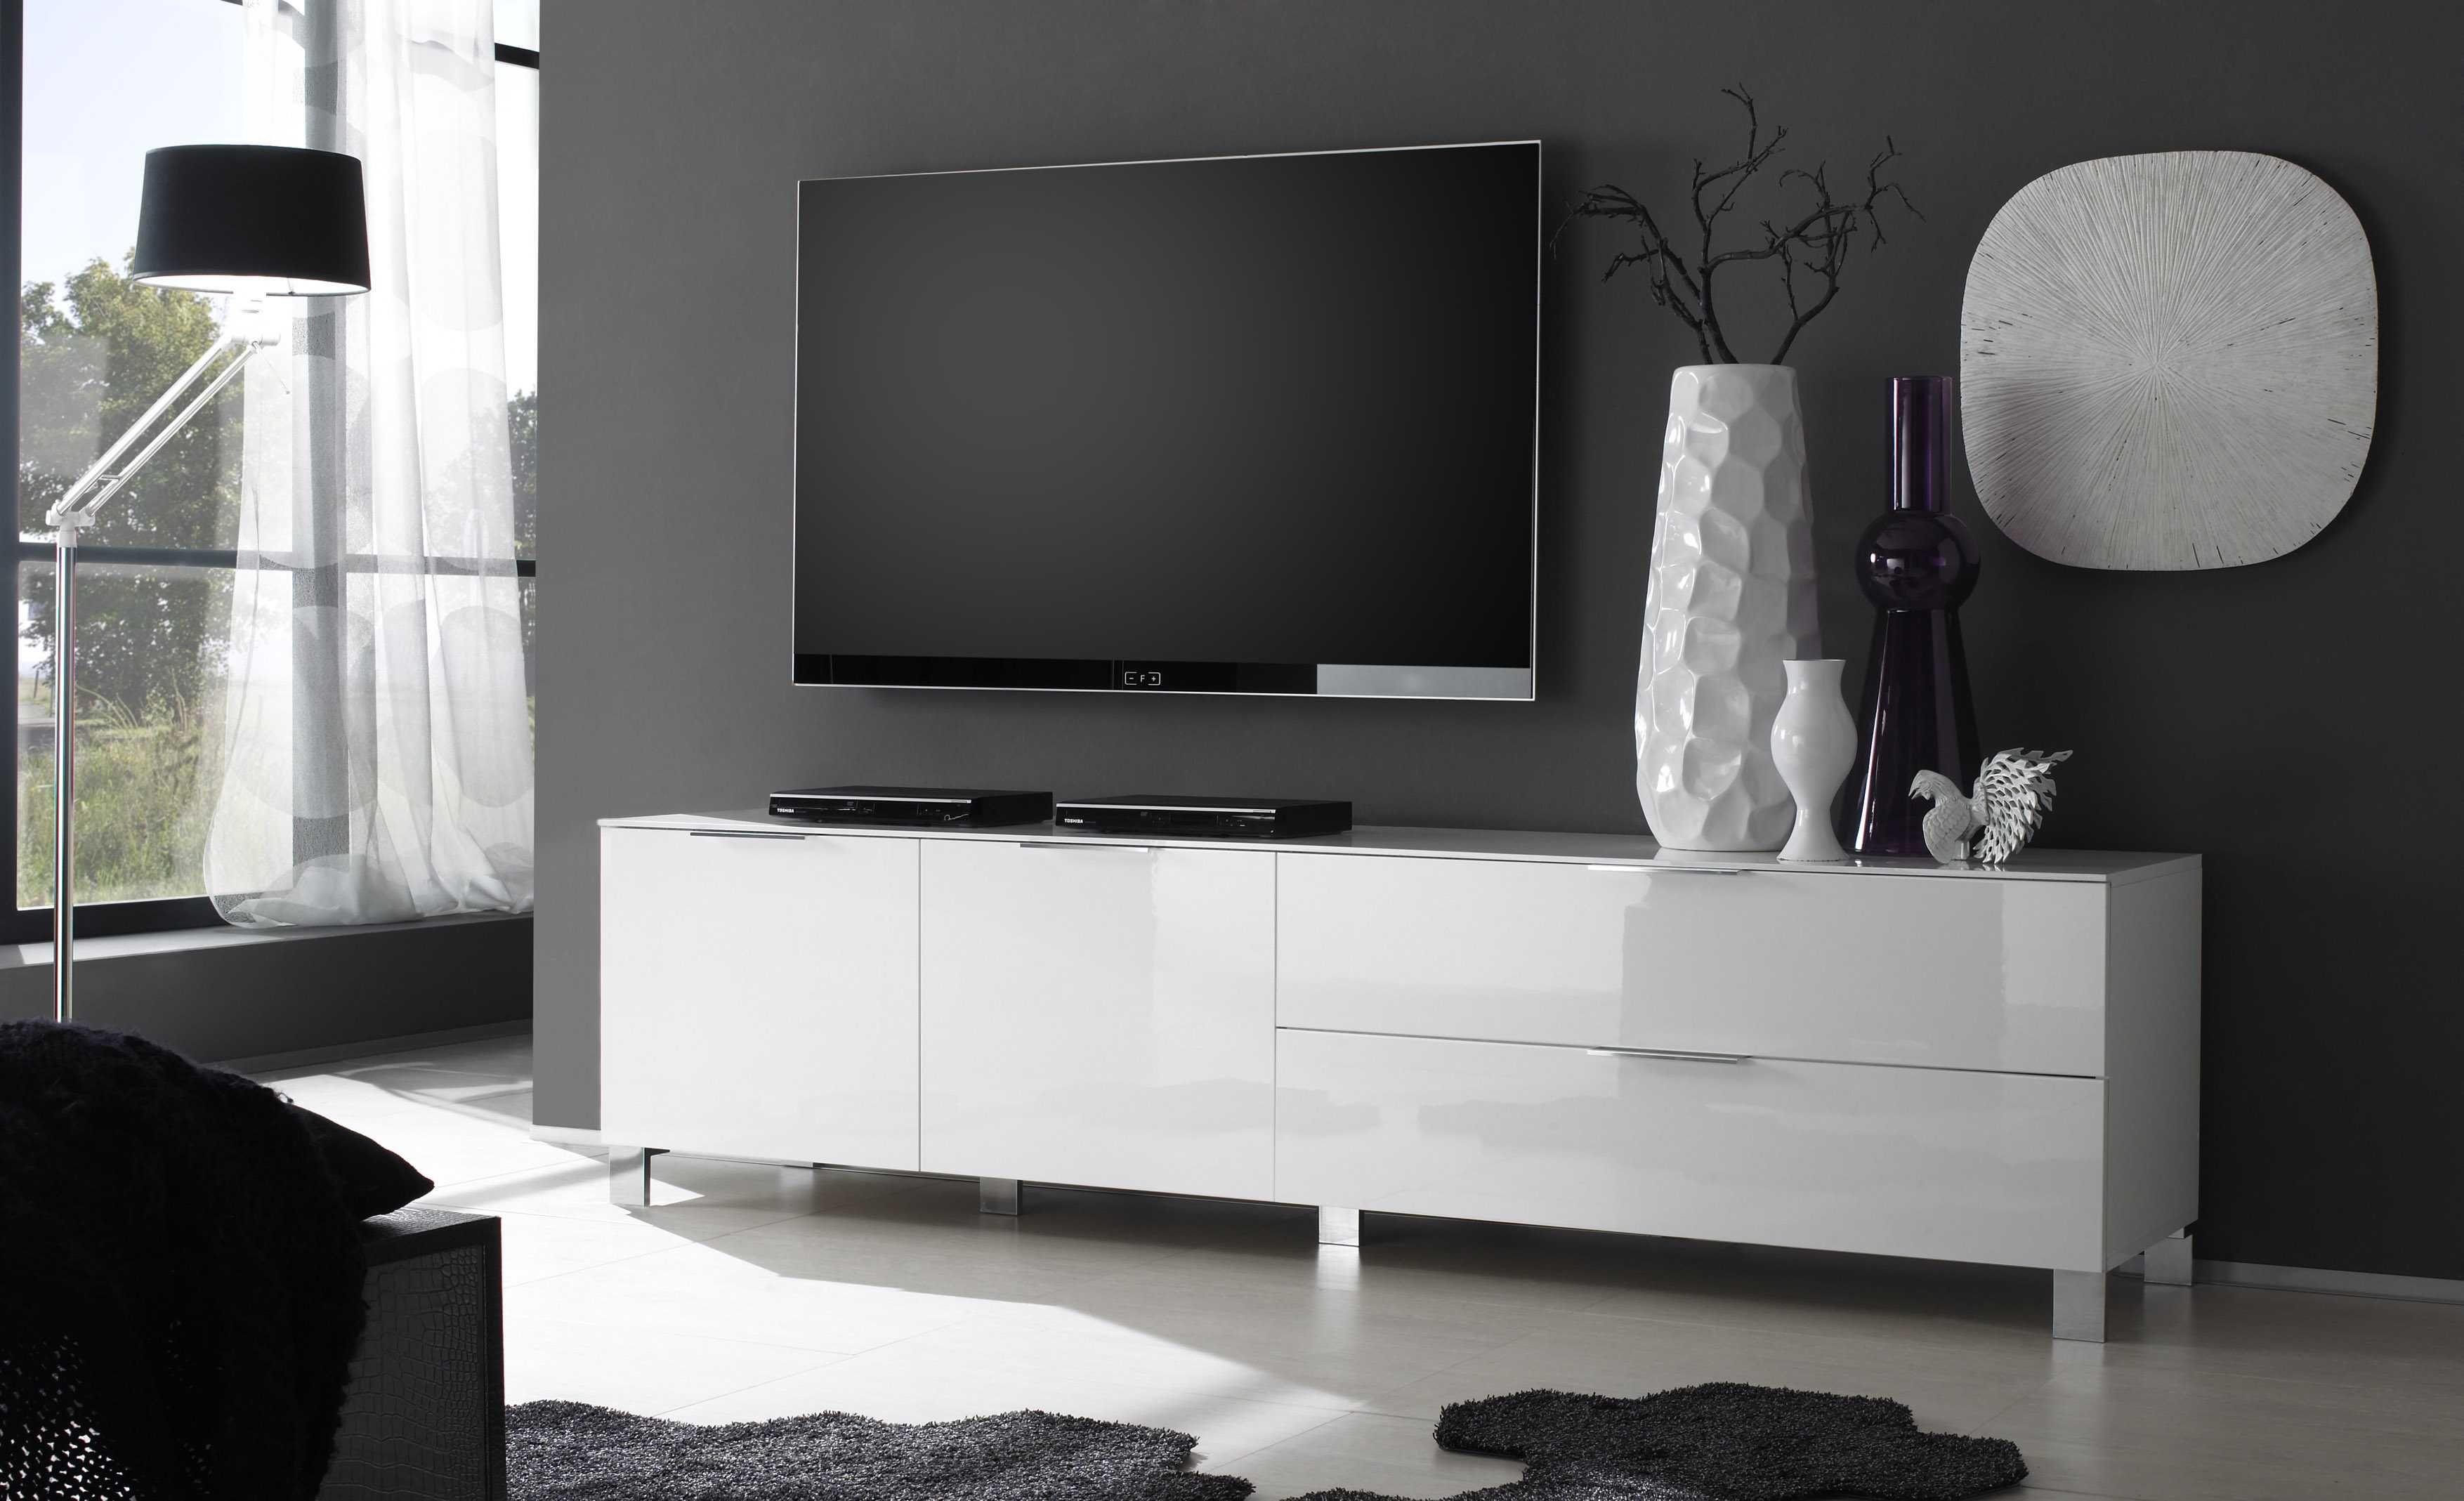 Italienisches Lowboard Weiß Lackiert In Hochglanz Designermöbel Moderne Möbel Lowboard Weiss Hochglanz Möbel Lowboard